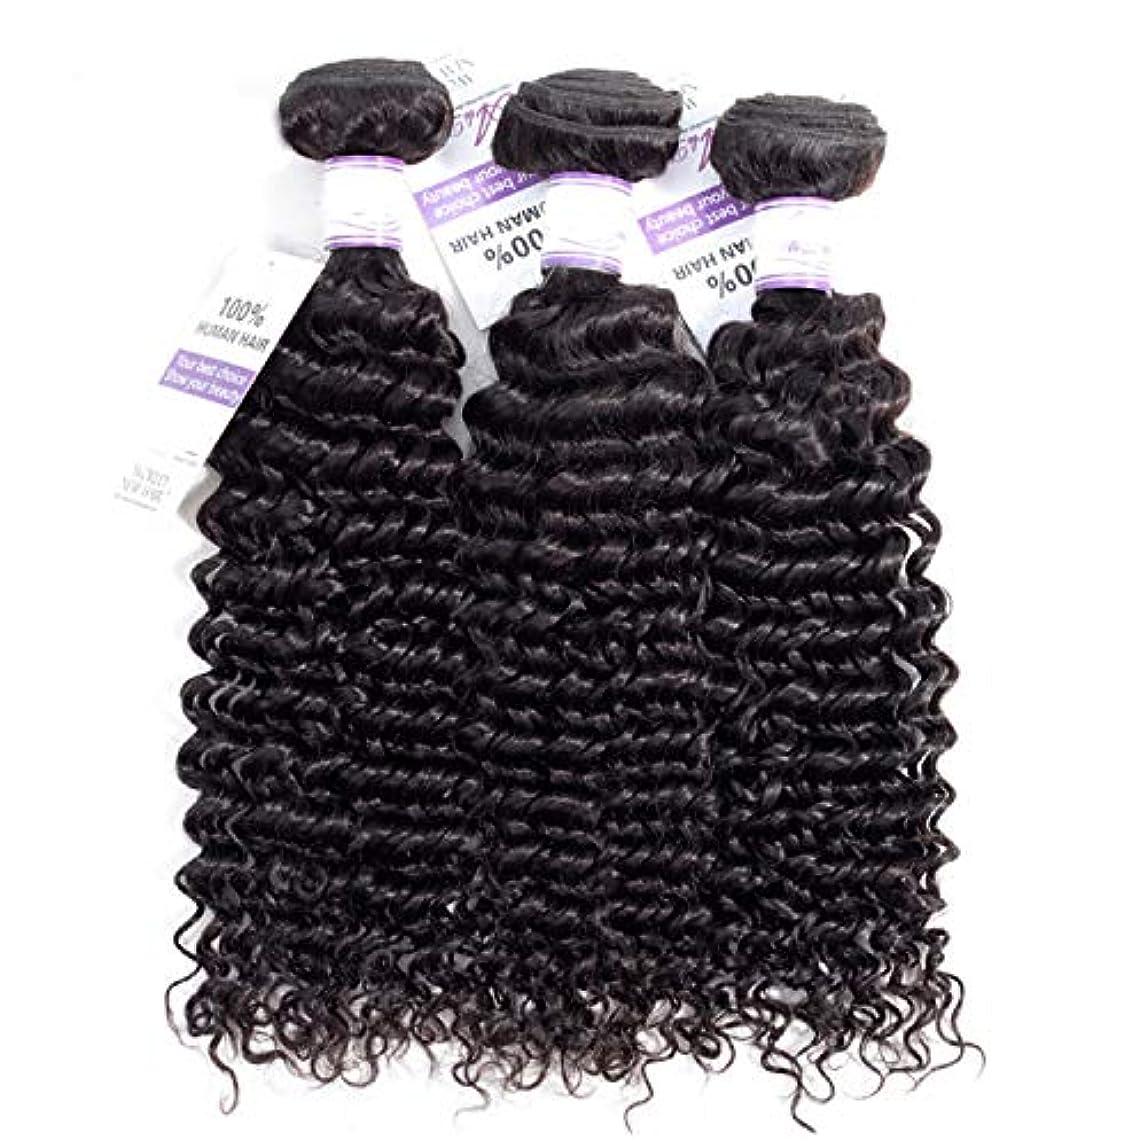 改修スクワイア湿原ブラジルのディープウェーブヘア織りバンドル100%人毛製織ナチュラルカラー非レミー髪は3個購入することができます かつら (Stretched Length : 24 26 28 inches)